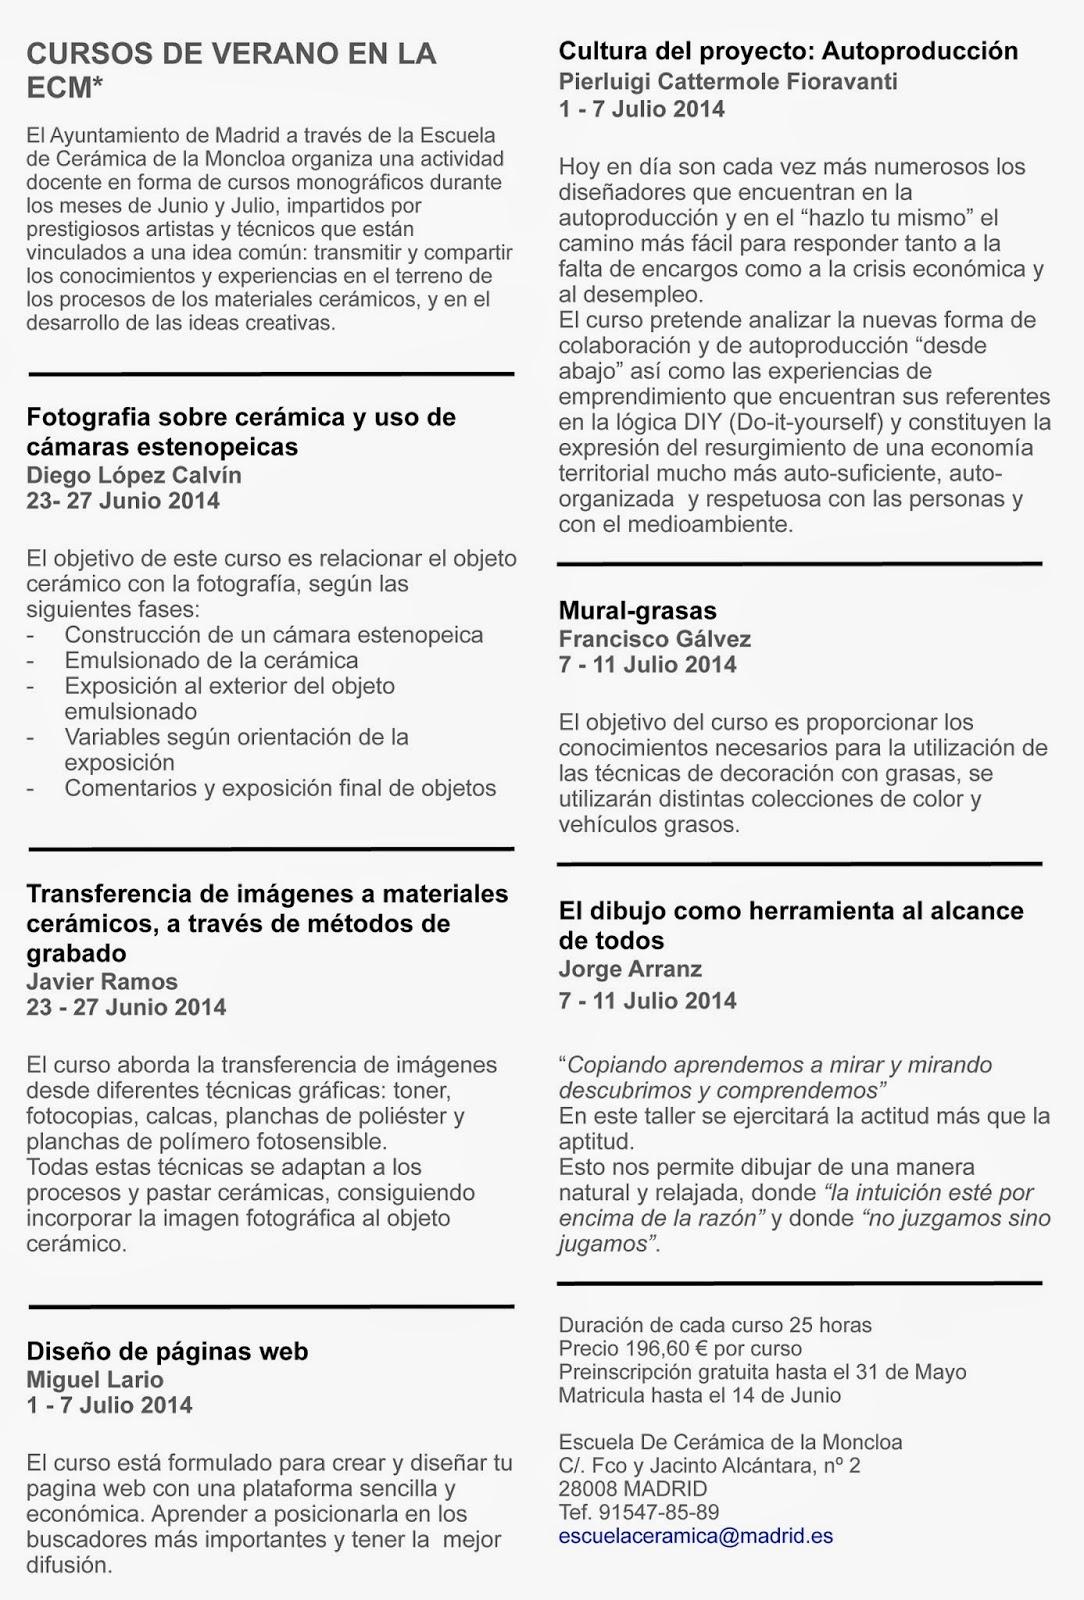 Escuela de cer mica de la moncloa madrid cursos en verano for Curso de ceramica madrid